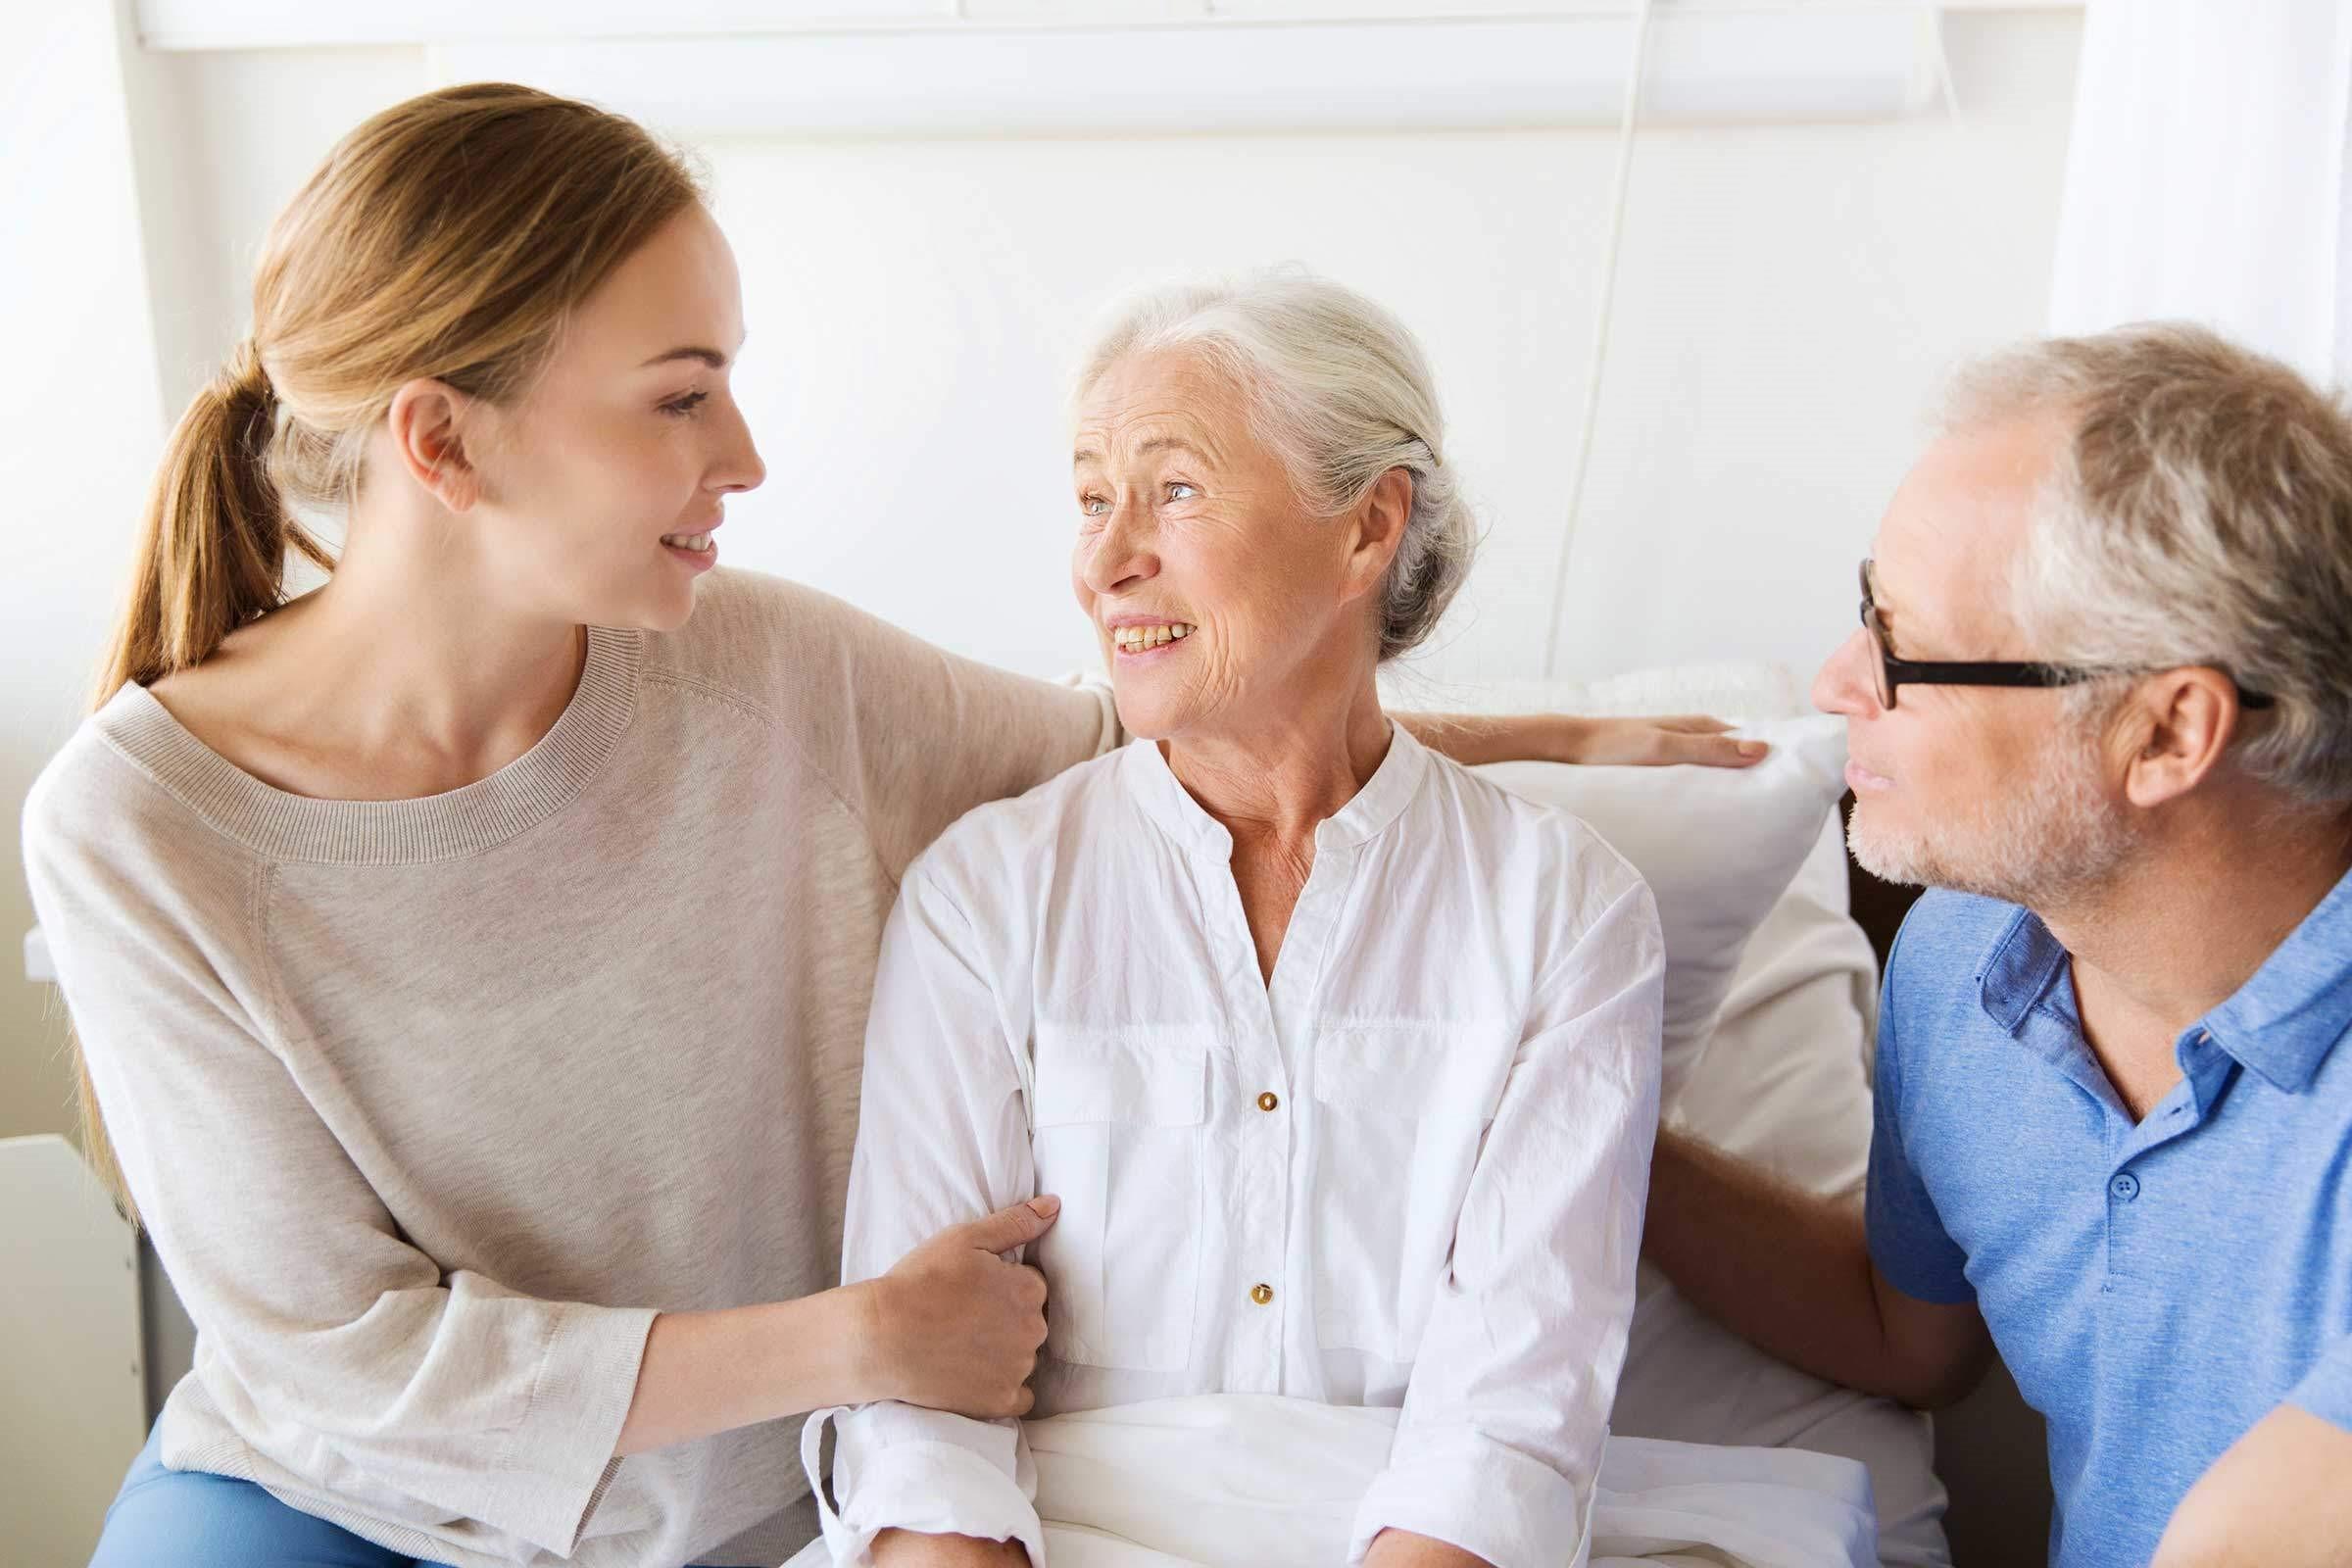 کنار آمدن با مشکل اختلال خواب در بیمار مبتلا به آلزایمر و سایر مشکلات این بیماری